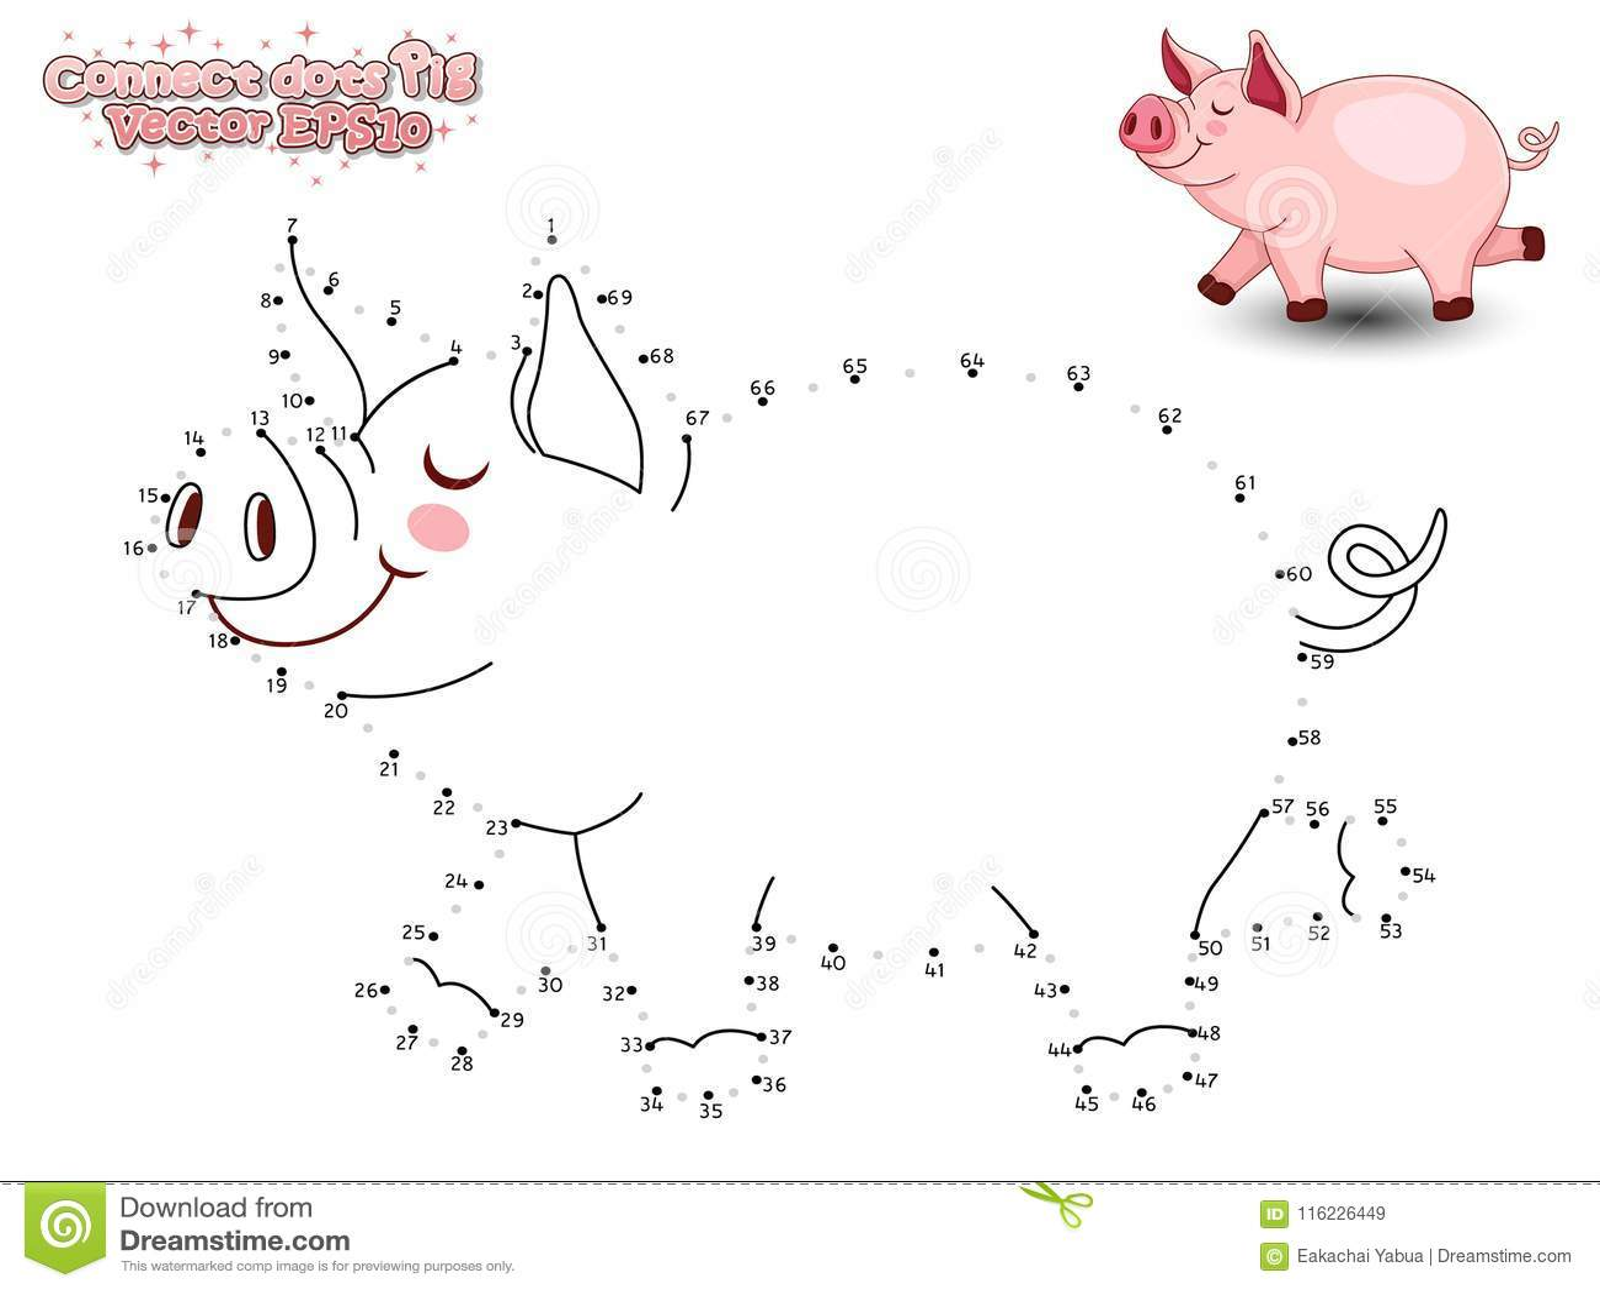 Schließen Sie Dots Draw Cute Cartoon Pig an und färben Sie Pädagogisches GA